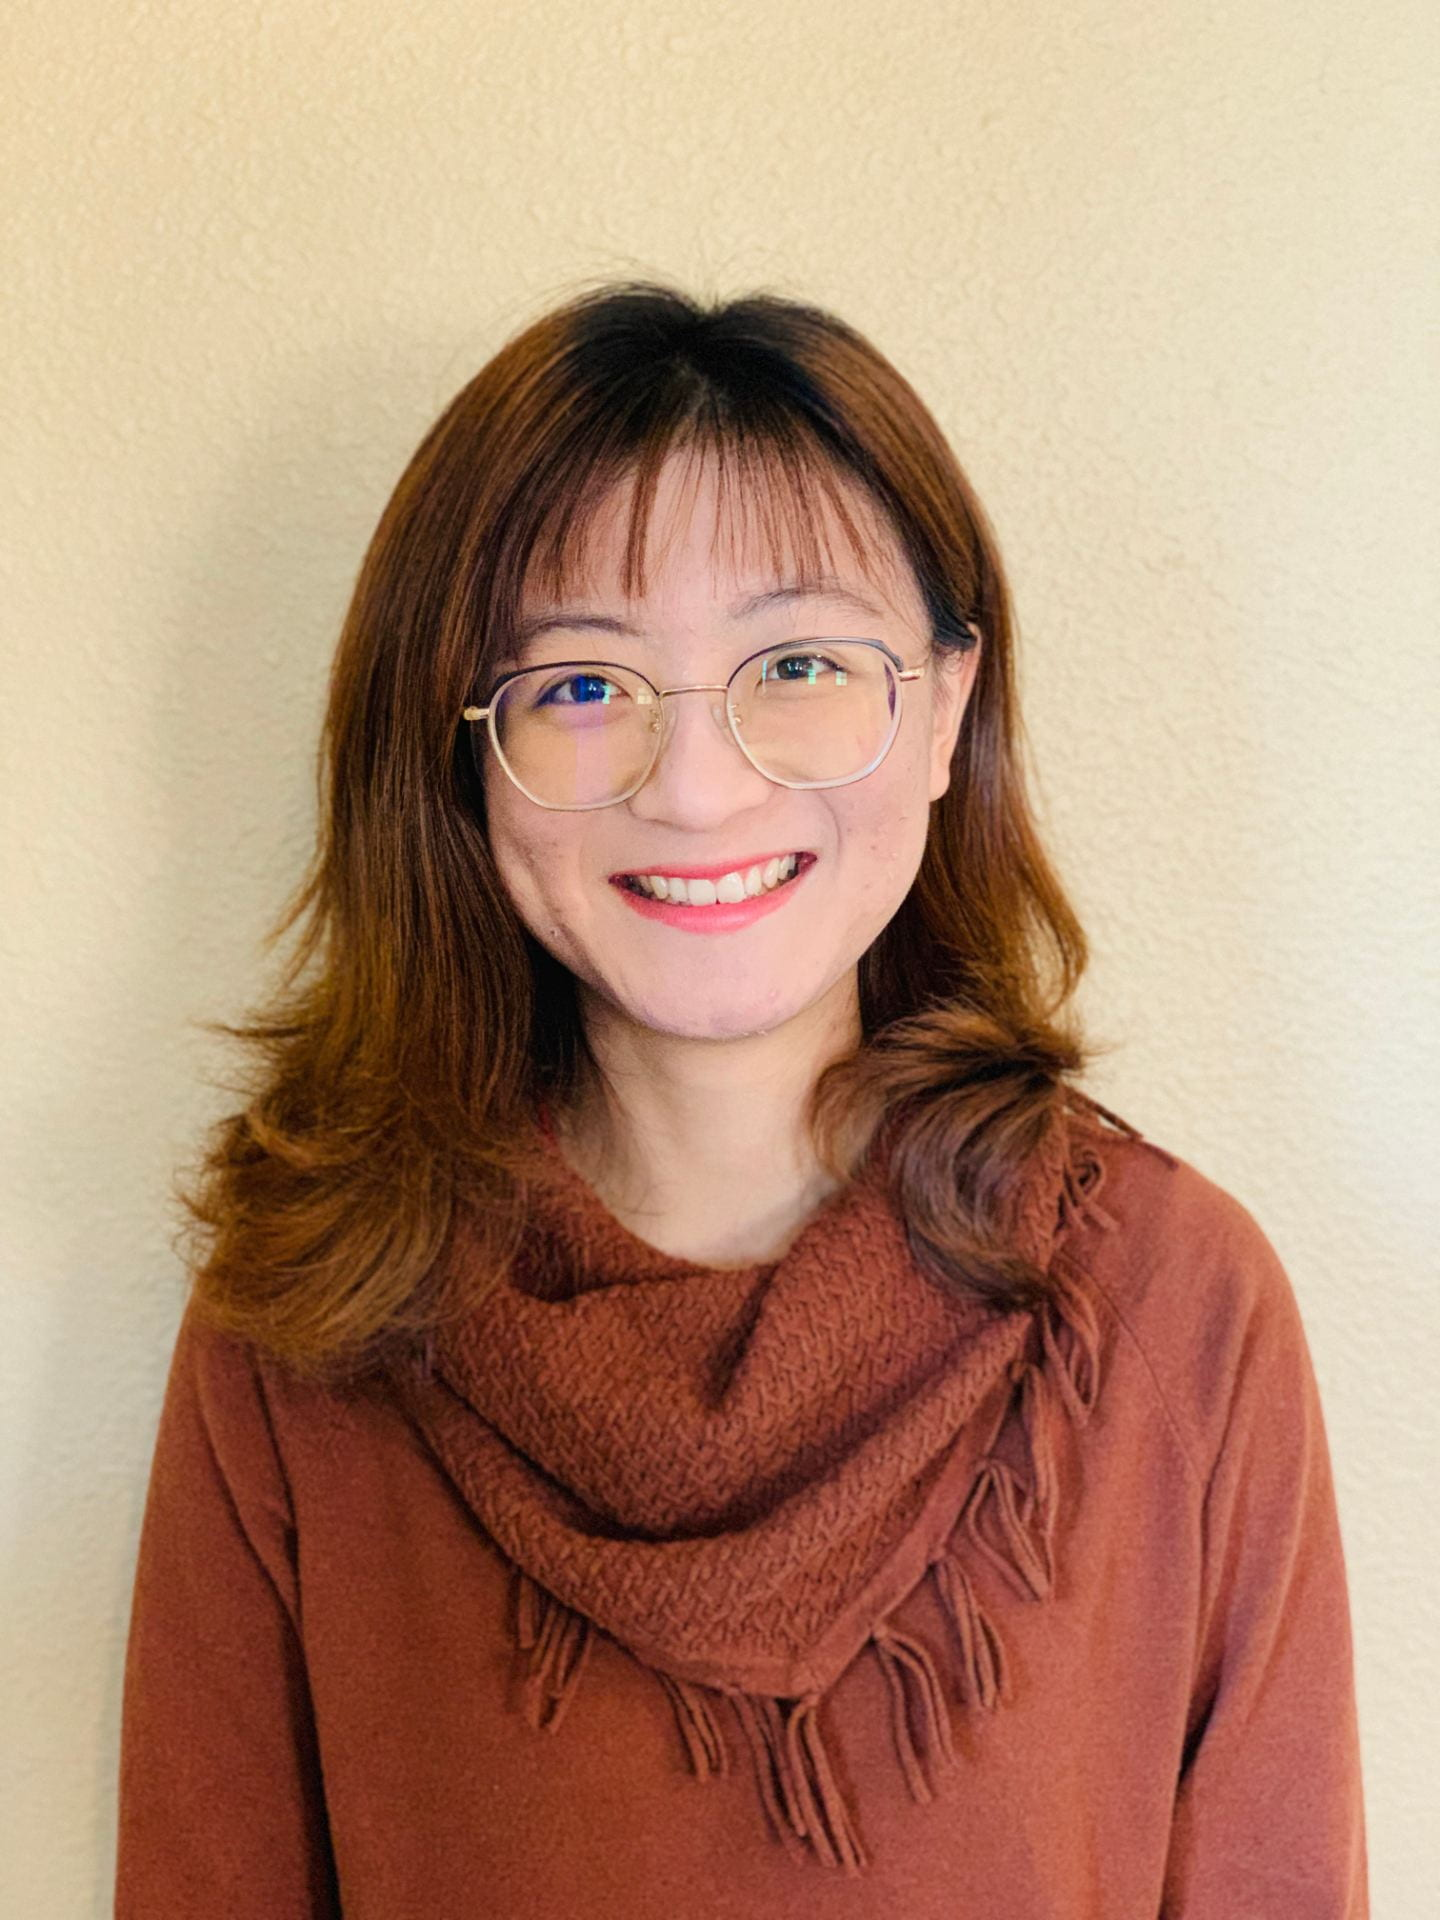 Mina Chen